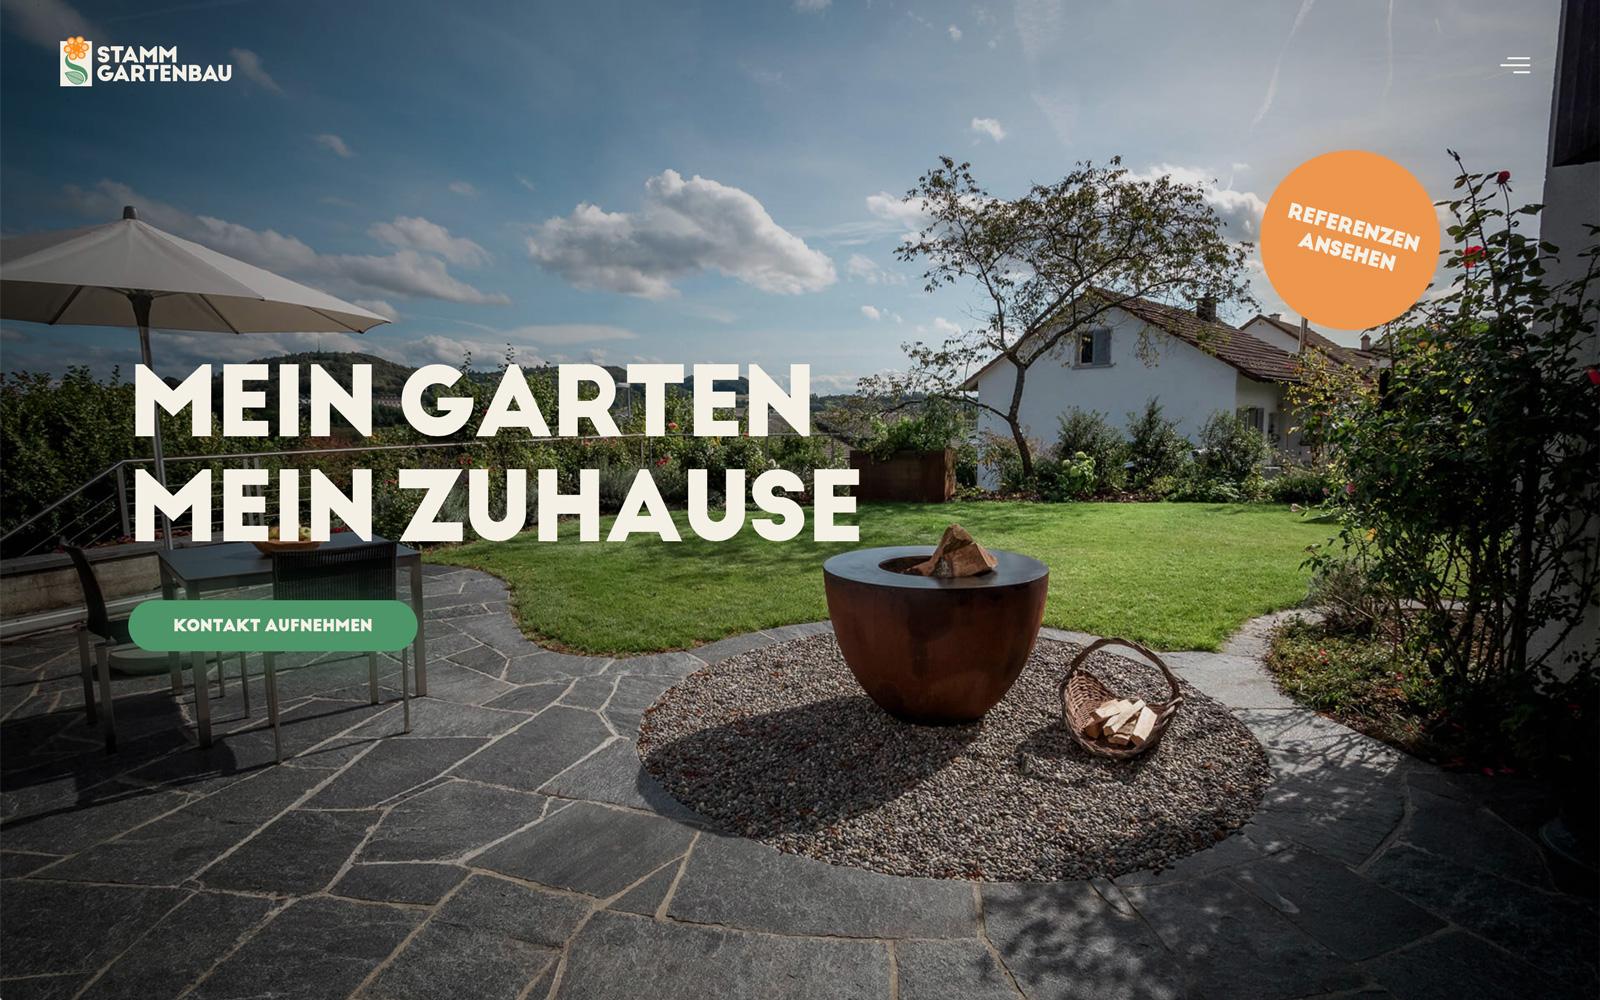 Stamm Gartenbau